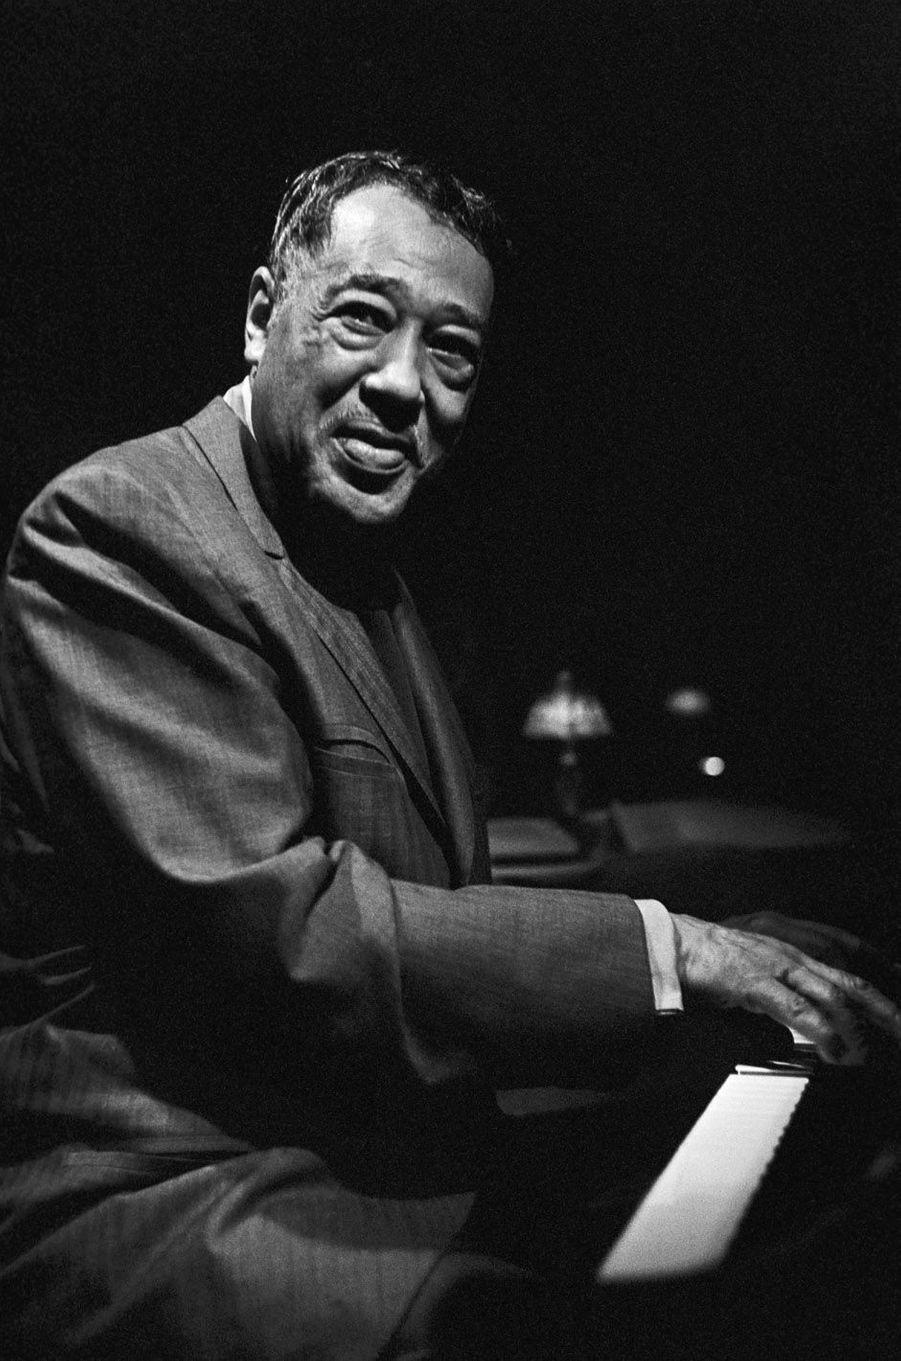 L'élégance absolue. Après avoir reçu une batte de base-ball dans le visage, le jeune Edward Kennedy Ellington avait troqué les habits de sport pour des panoplies de musicien gentleman. L'héritage d'un père majordome à la Maison-Blanche lui vaudra le surnom de Duke. A 28ans, le pianiste intègre le Cotton Club, part en tournée à l'étranger. L'enfant de Washington devient un géant du jazz. Il joue avec les plus grands, repousse les limites de l'harmonie, explore tous les courants. Et laisse, sur la musique, une empreinte indélébile.Découvrezla grande galerie photo de Paris Matchavec un nouveau rendez-vous consacré aux femmes et aux hommes qui ont fait l'histoire de votre journal, Six photos de légende. Nouveau rendez-vous ce dimanche avec les légendes du jazz.